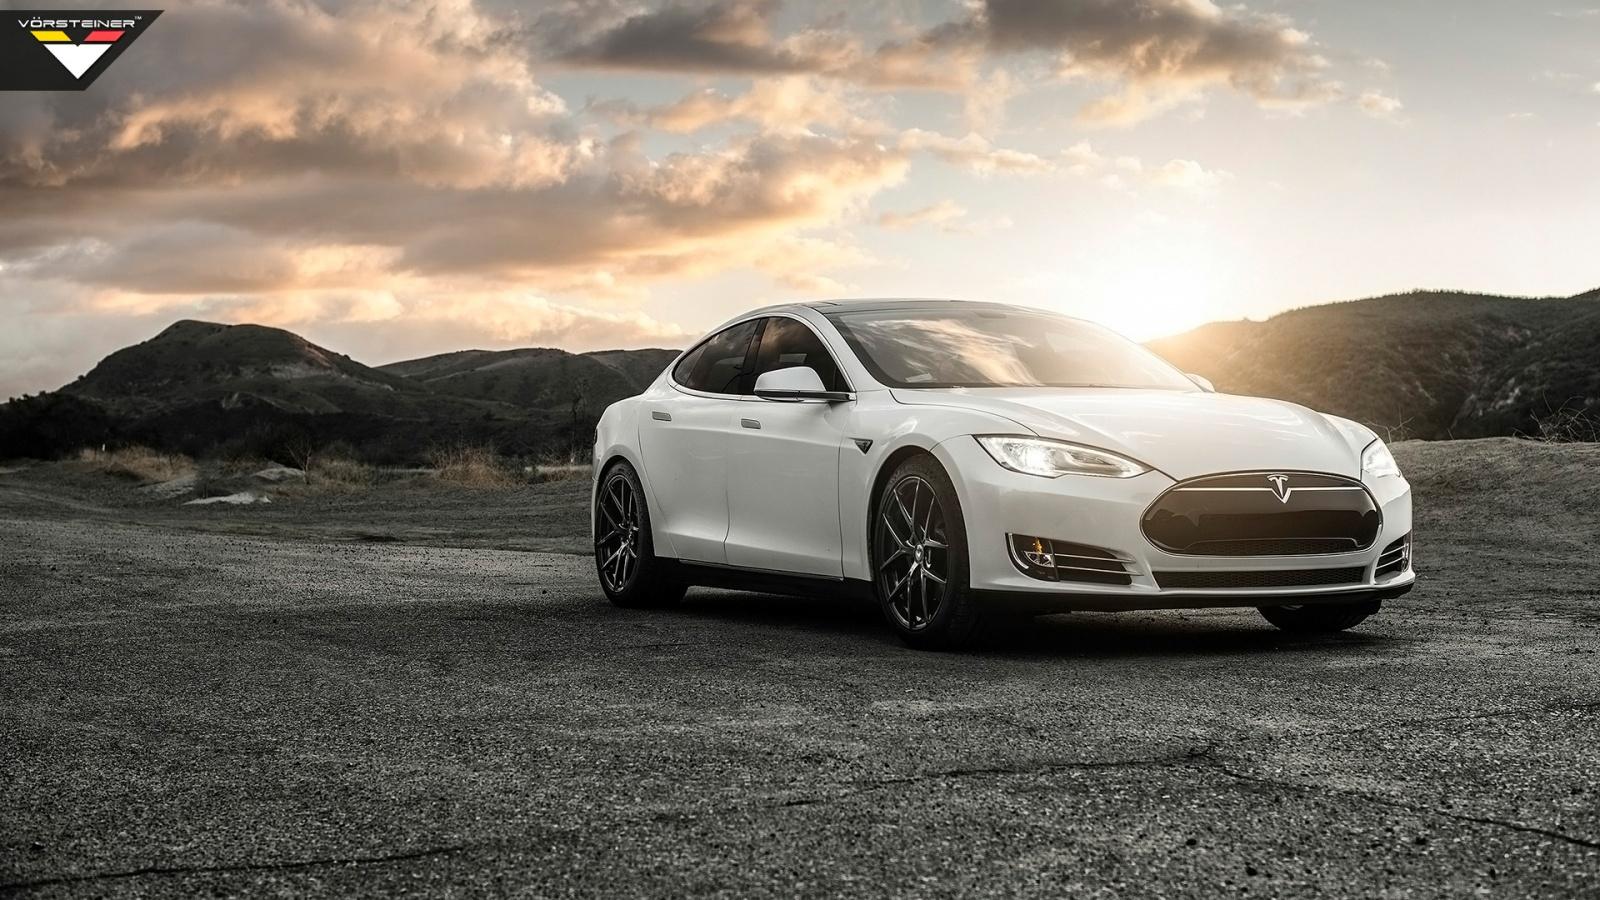 2014 Vorsteiner Tesla Model S P85 Wallpaper HD Car Wallpapers 1600x900